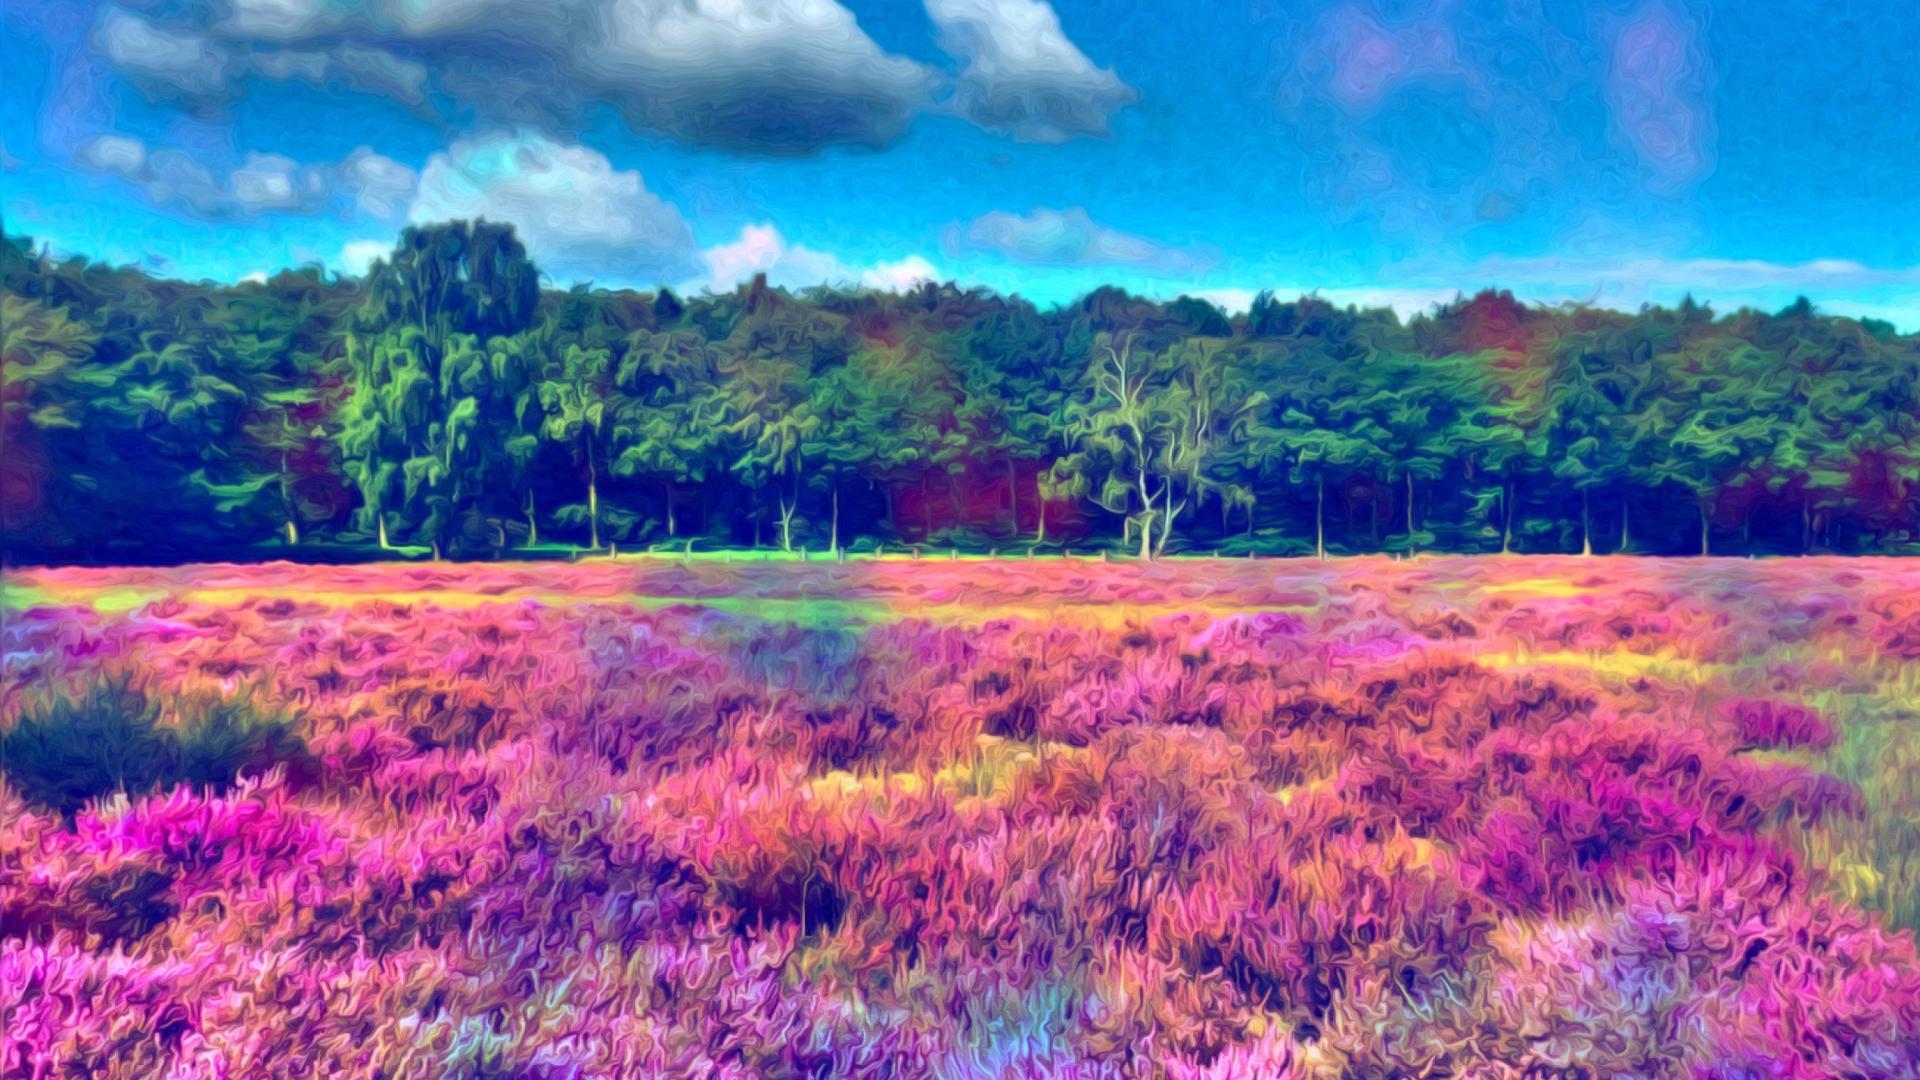 Field of color fondos de pantalla gratis para escritorio for Fondos de pantalla full hd colores